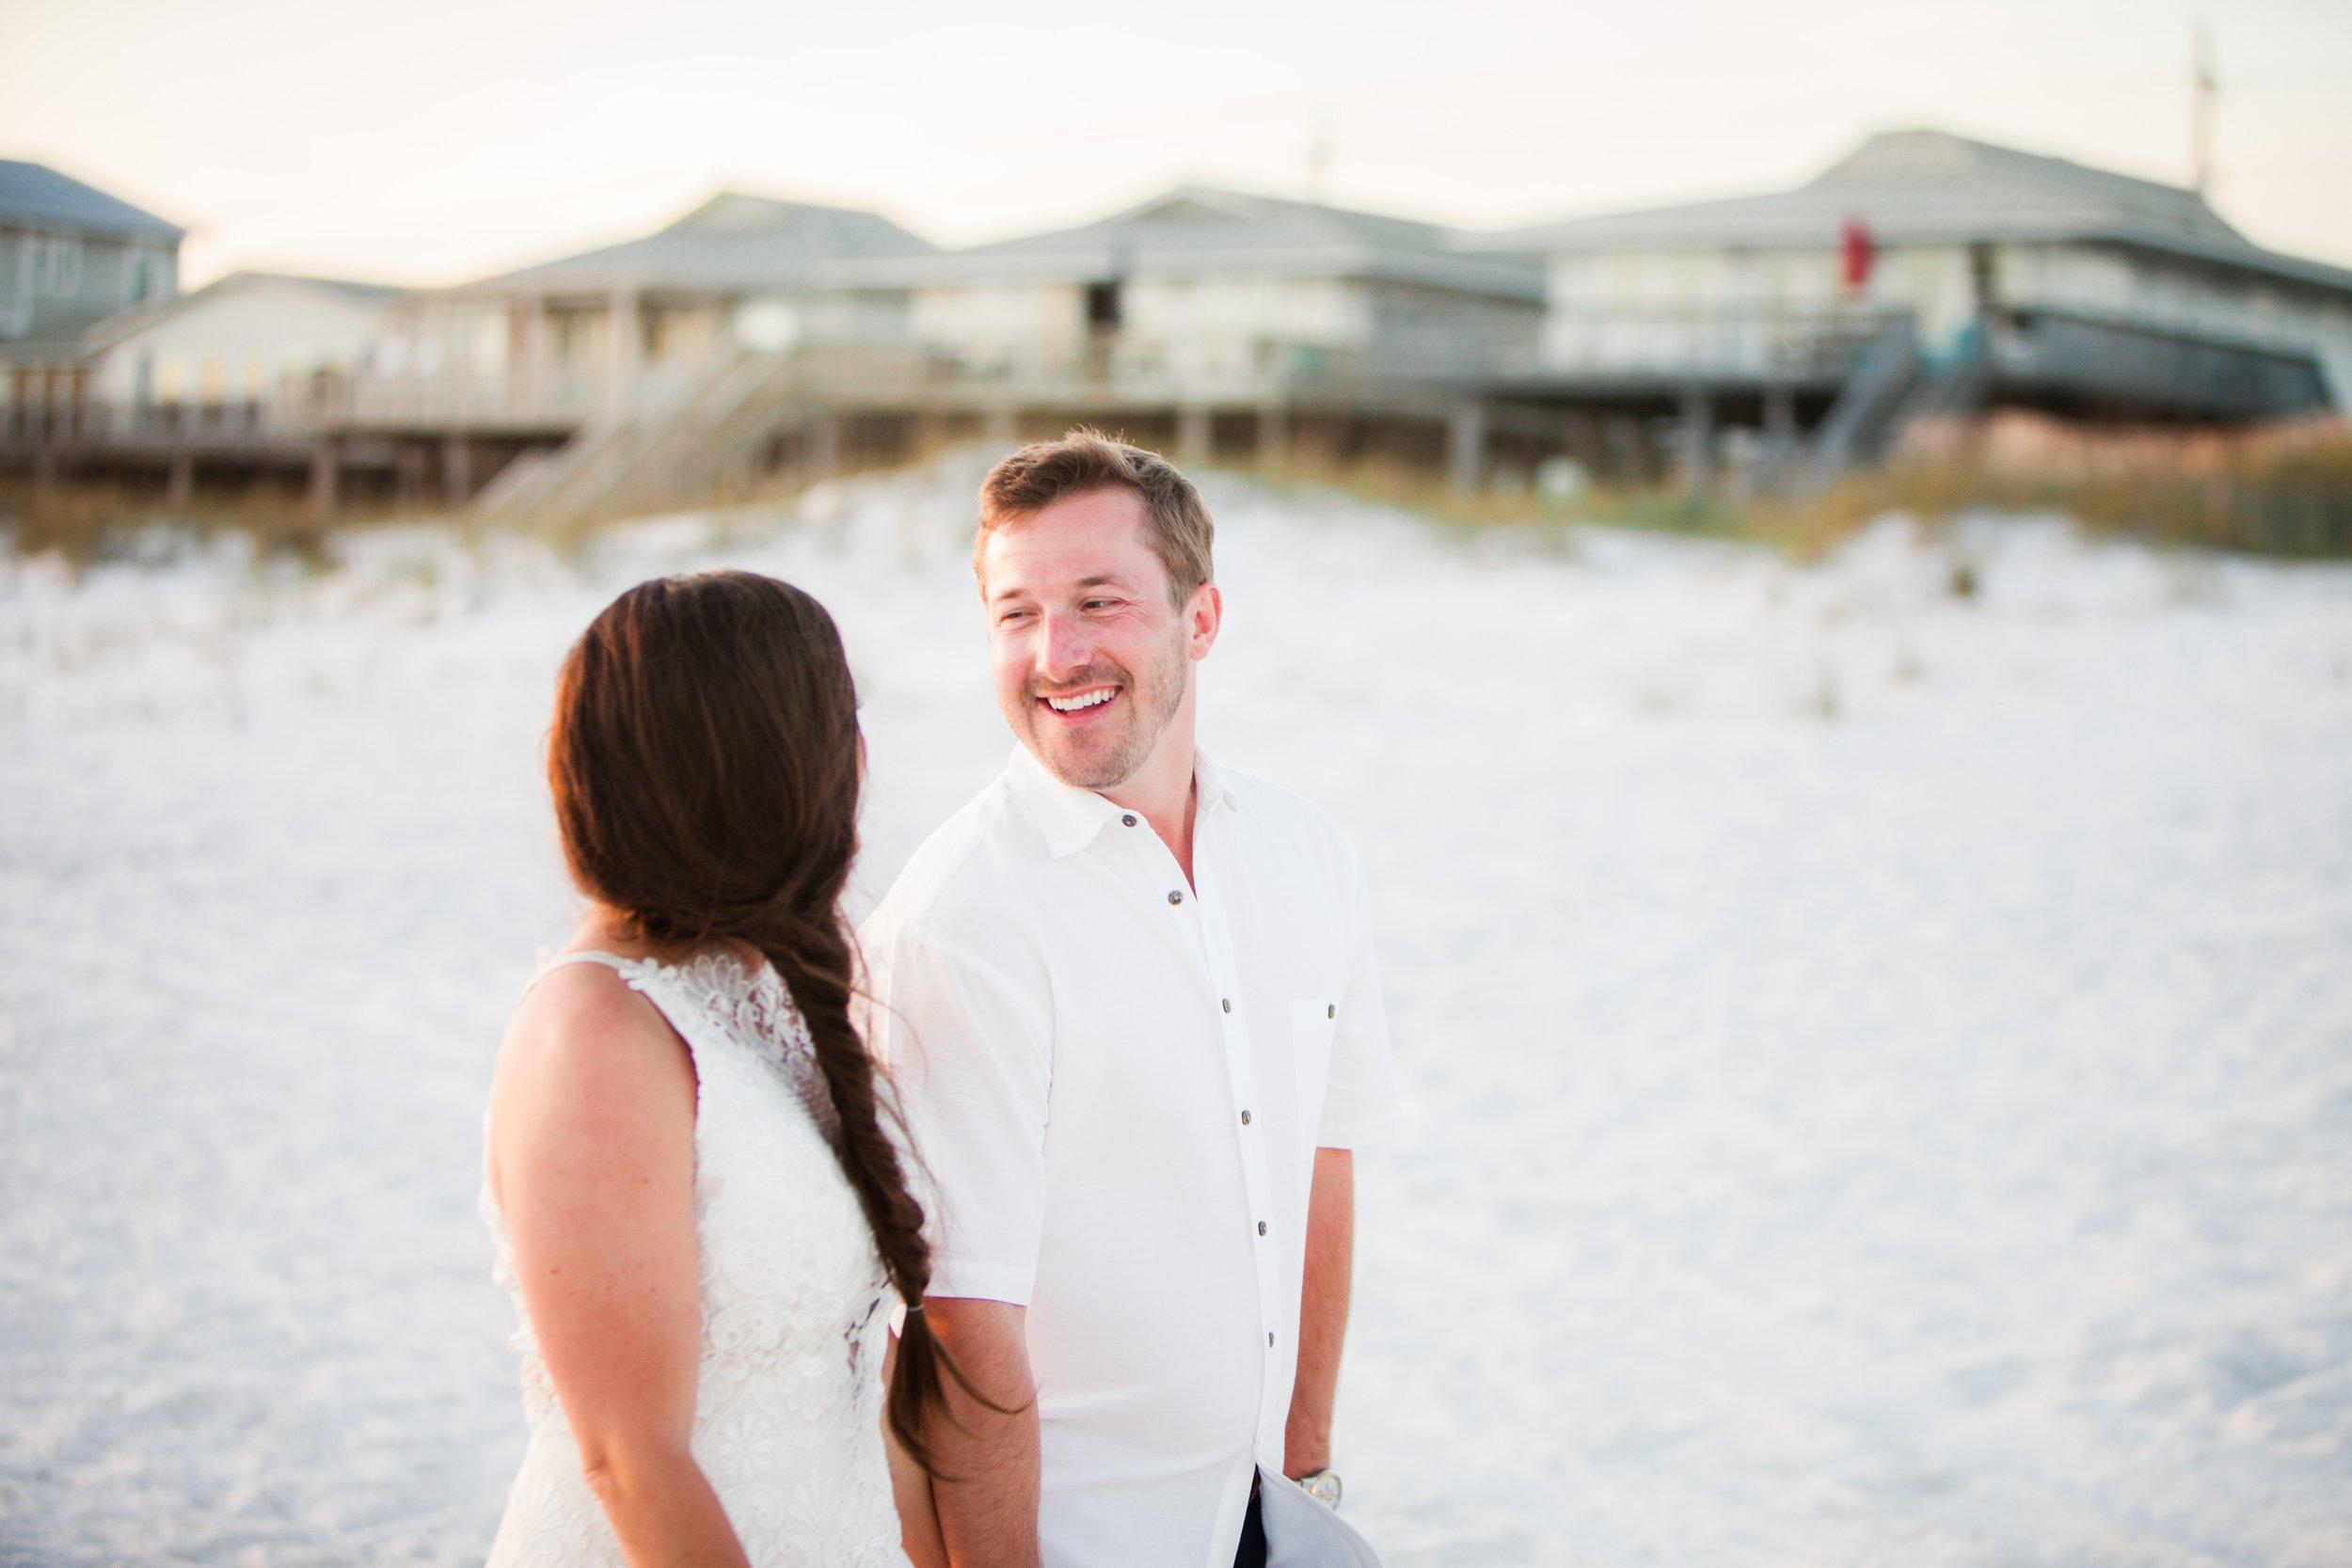 30a-Destin-Florida-Wedding-Photography-Caydee-Matt_048.jpg